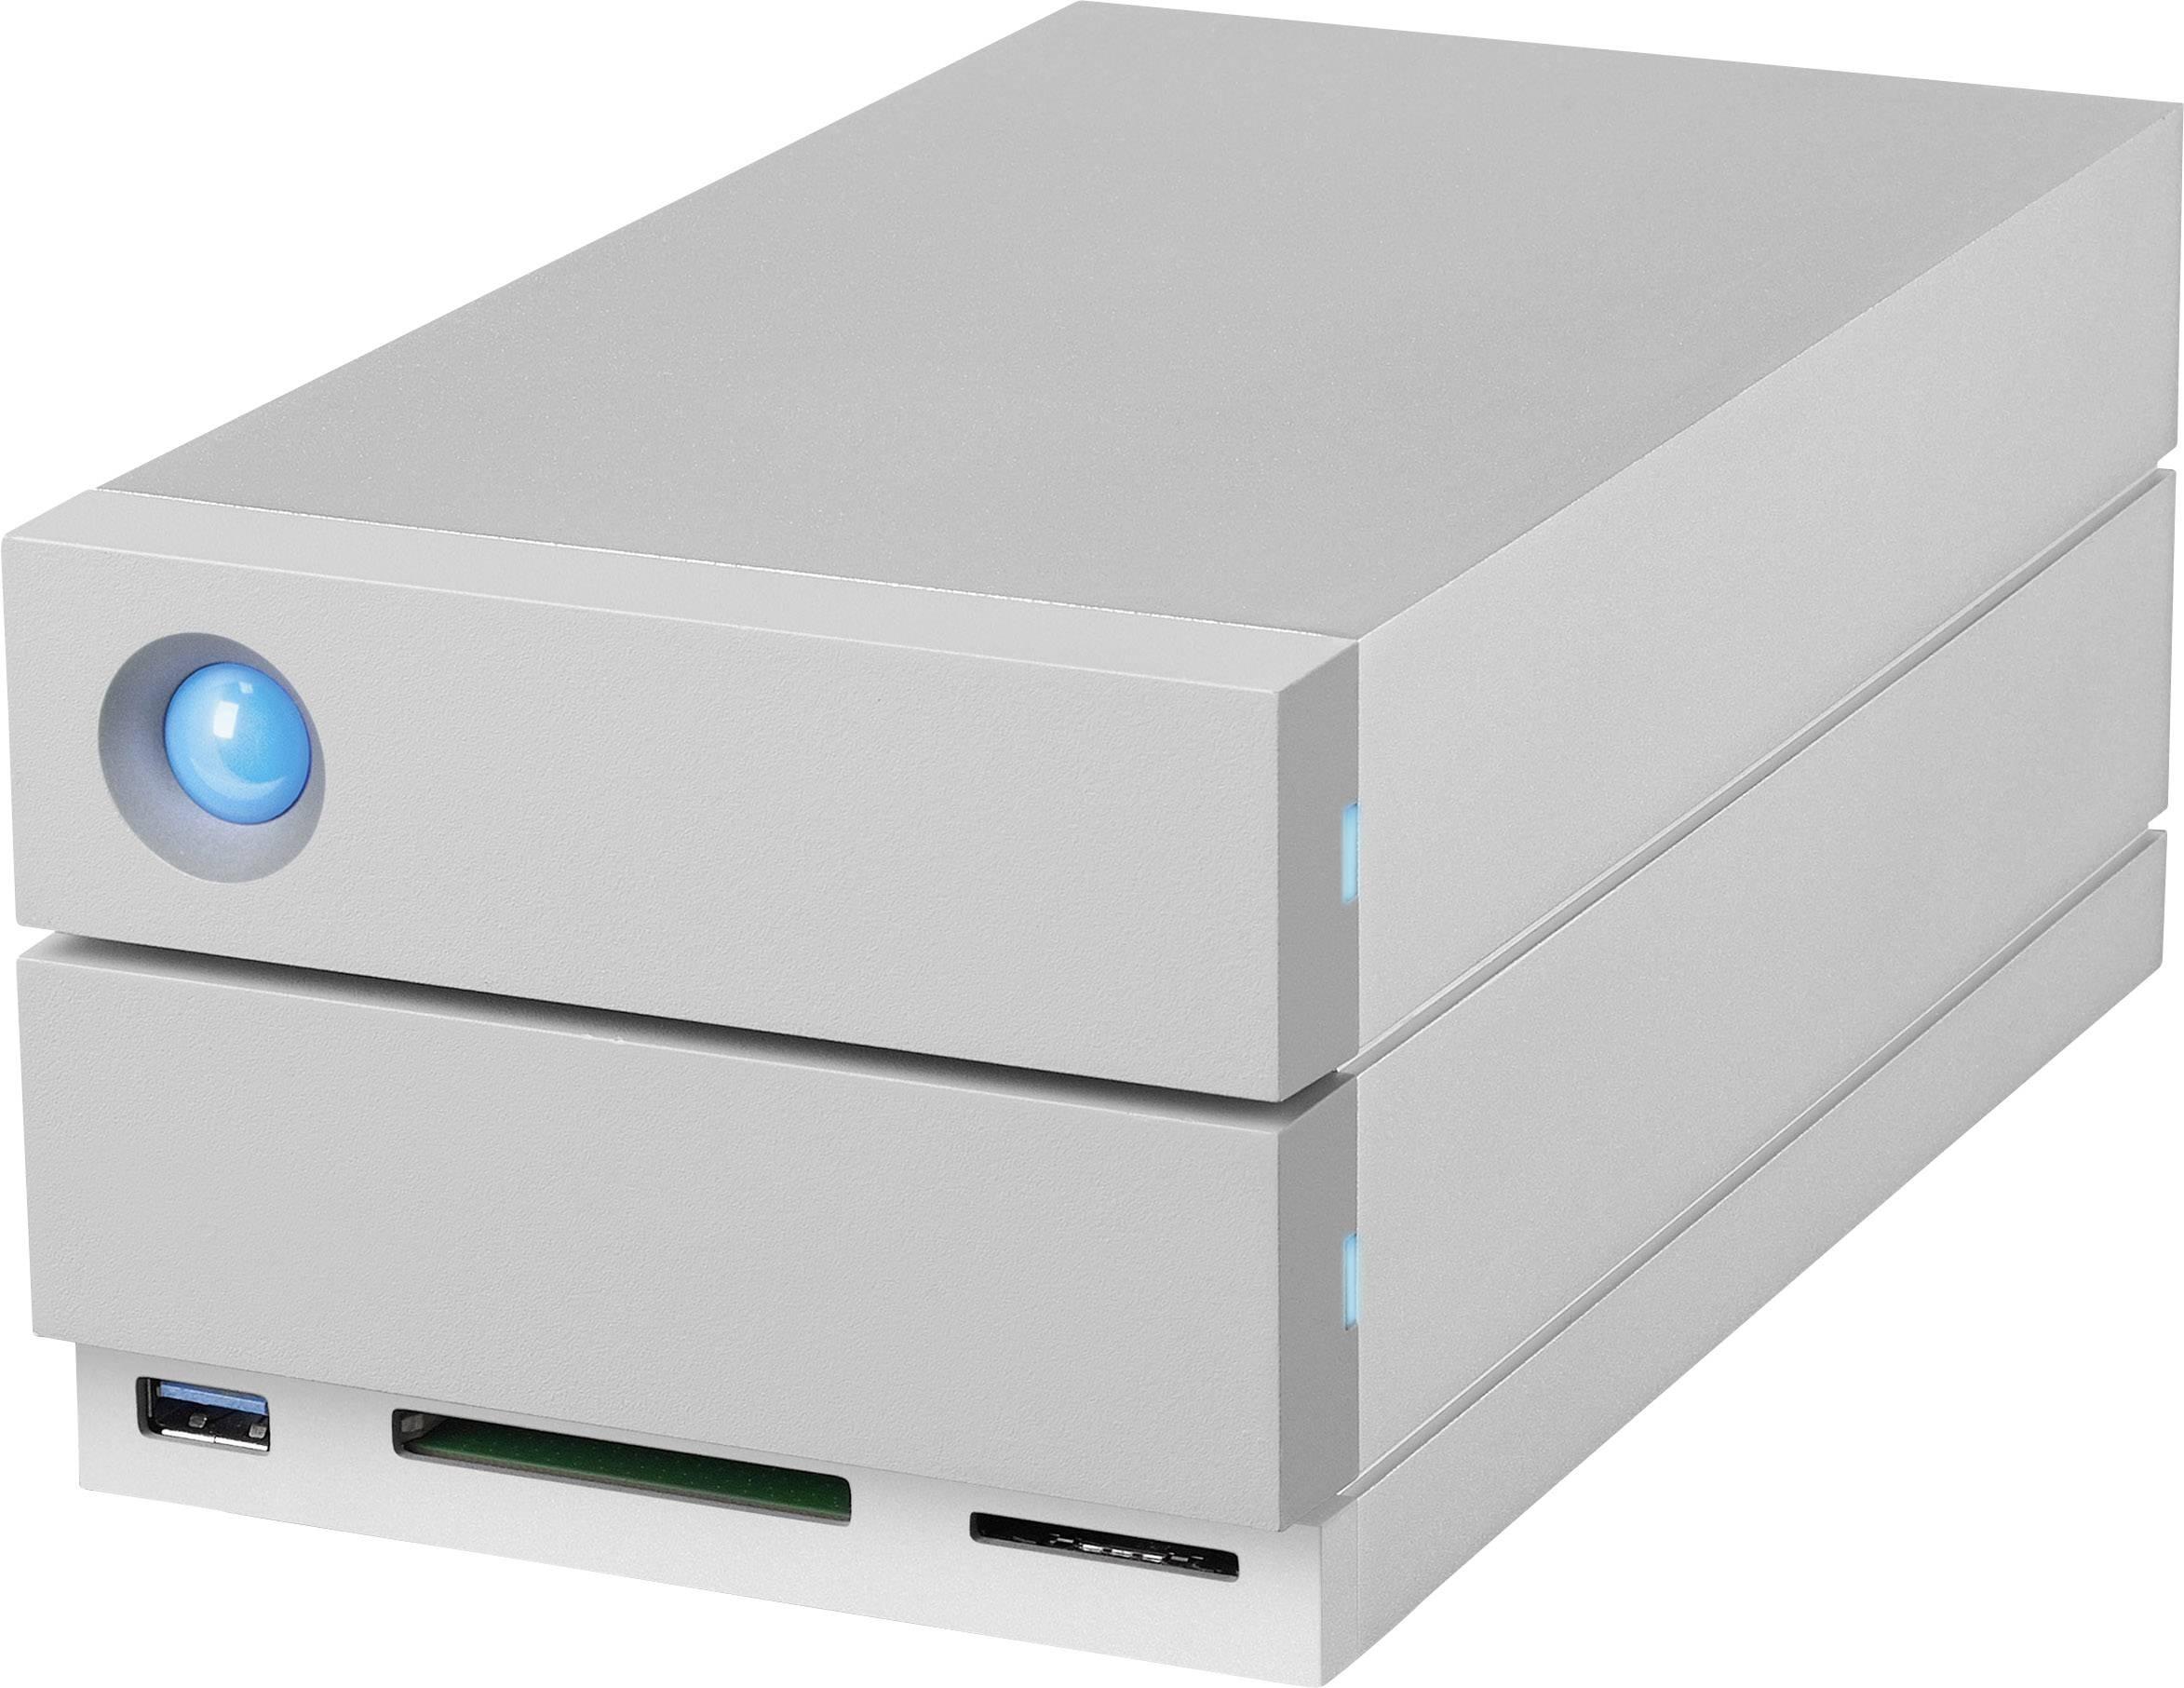 2big Dock 8 TB, Externe Festplatte